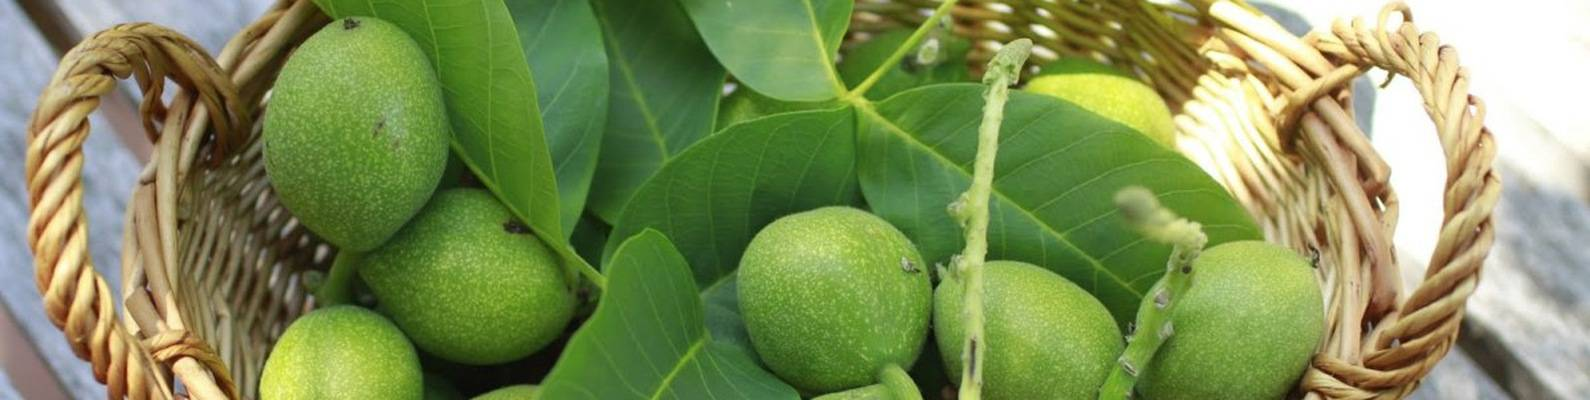 Лечебные свойства зеленого грецкого ореха — рецепты с медом, применение